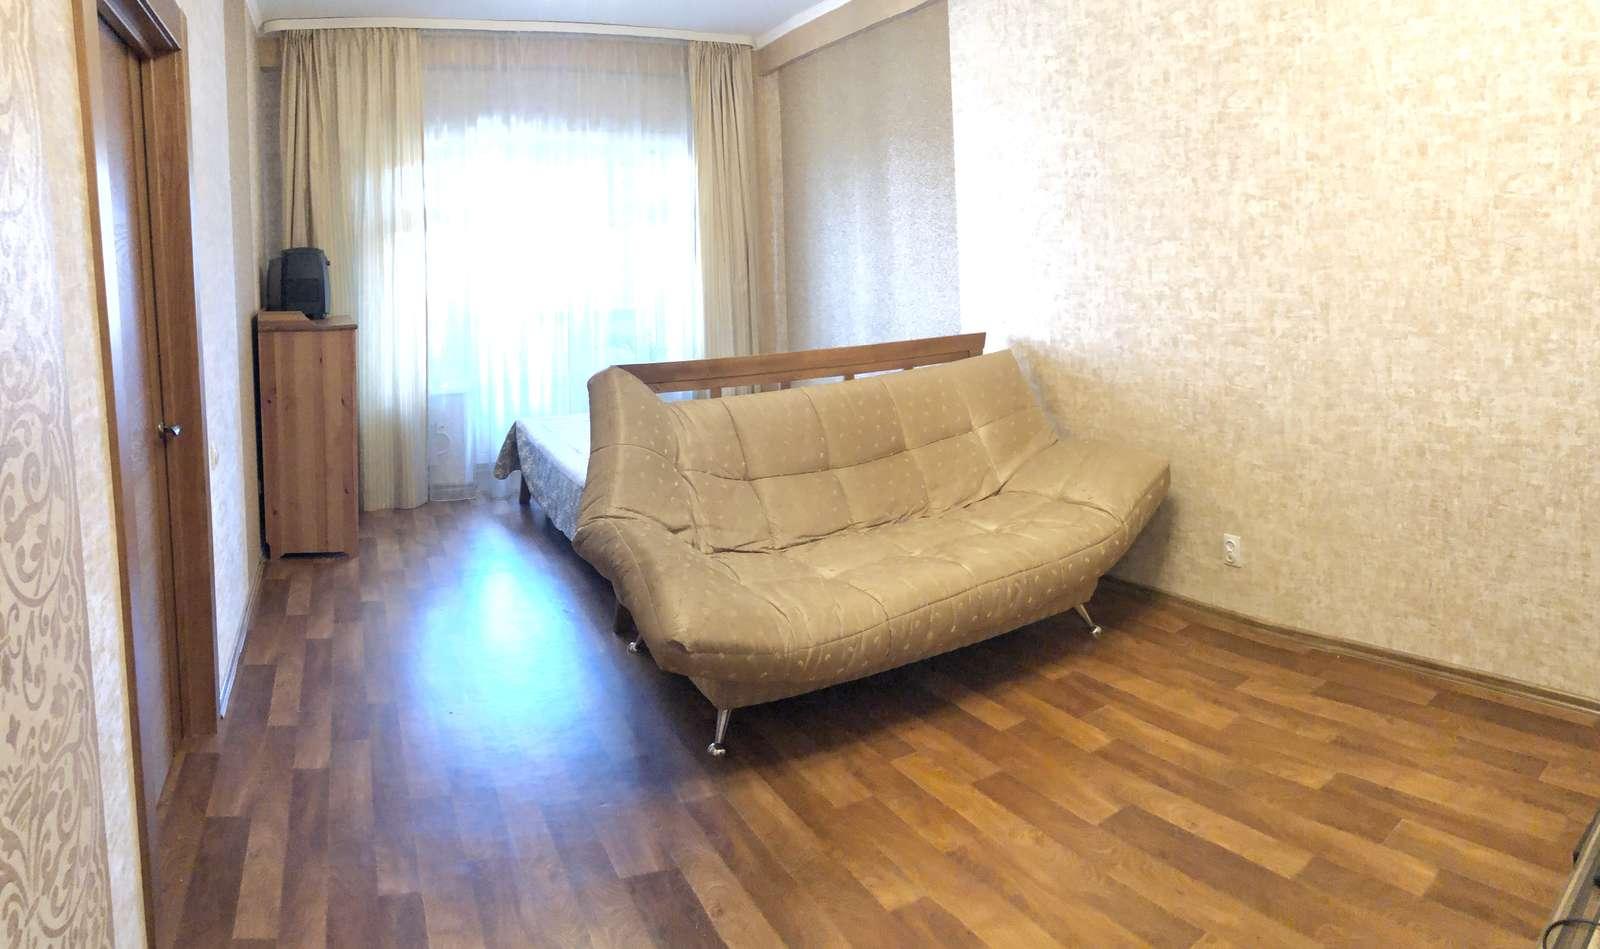 Продажа 1-комнатной квартиры, г. Тольятти, Ленинский проспект  дом 1а